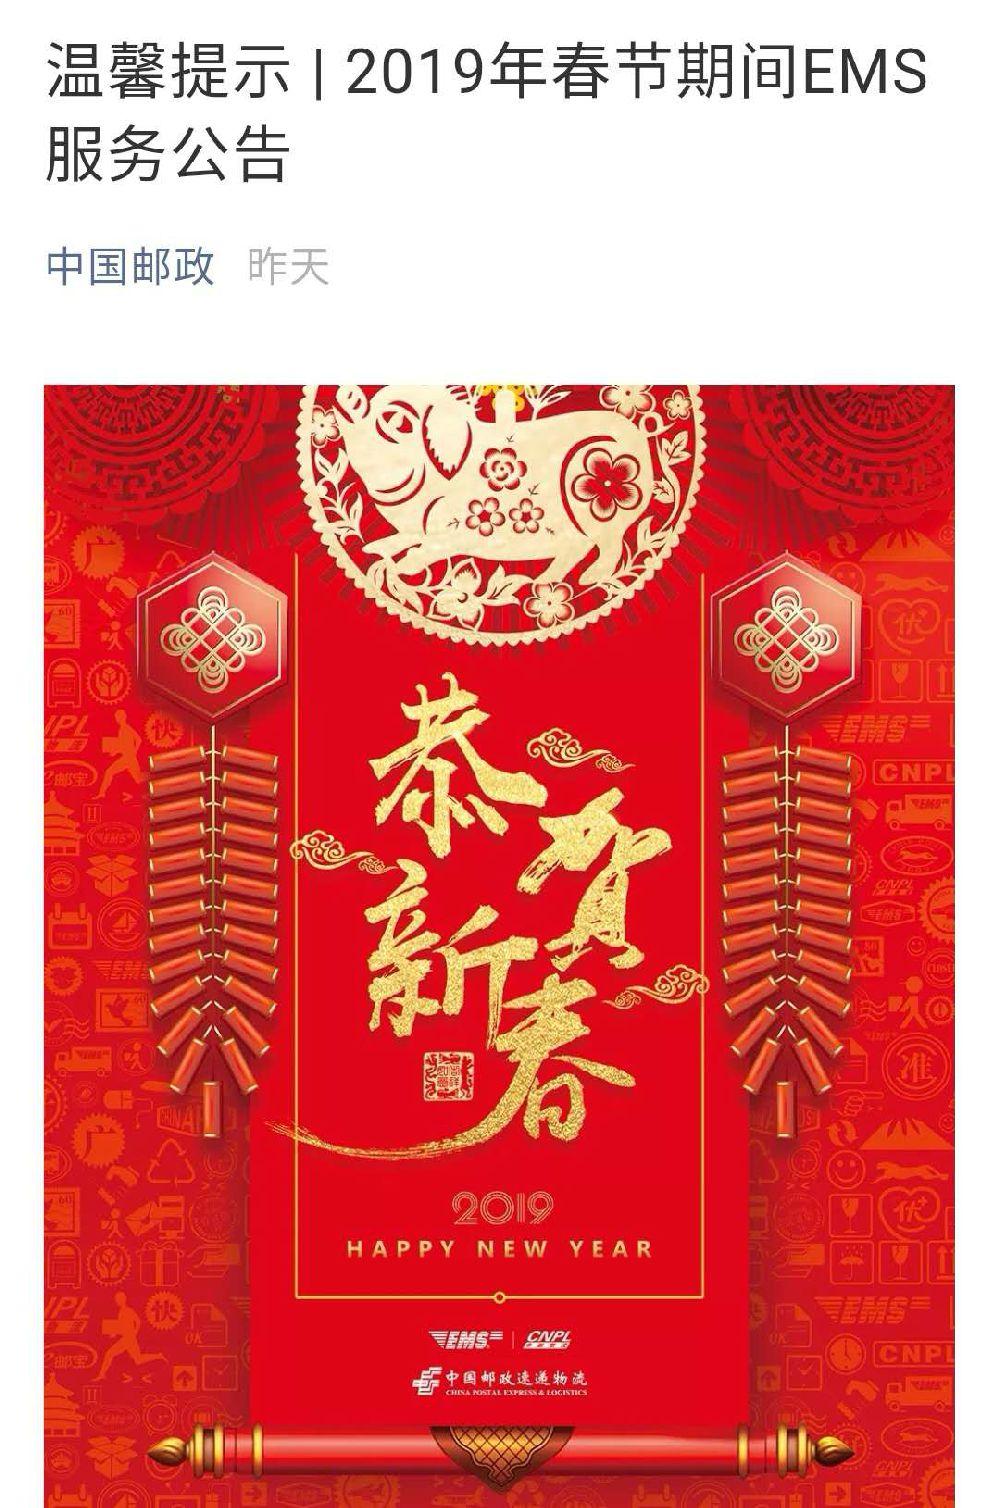 国内资讯_2019春节EMS放假停运吗?EMS春节运营时间收费一览- 广州本地宝